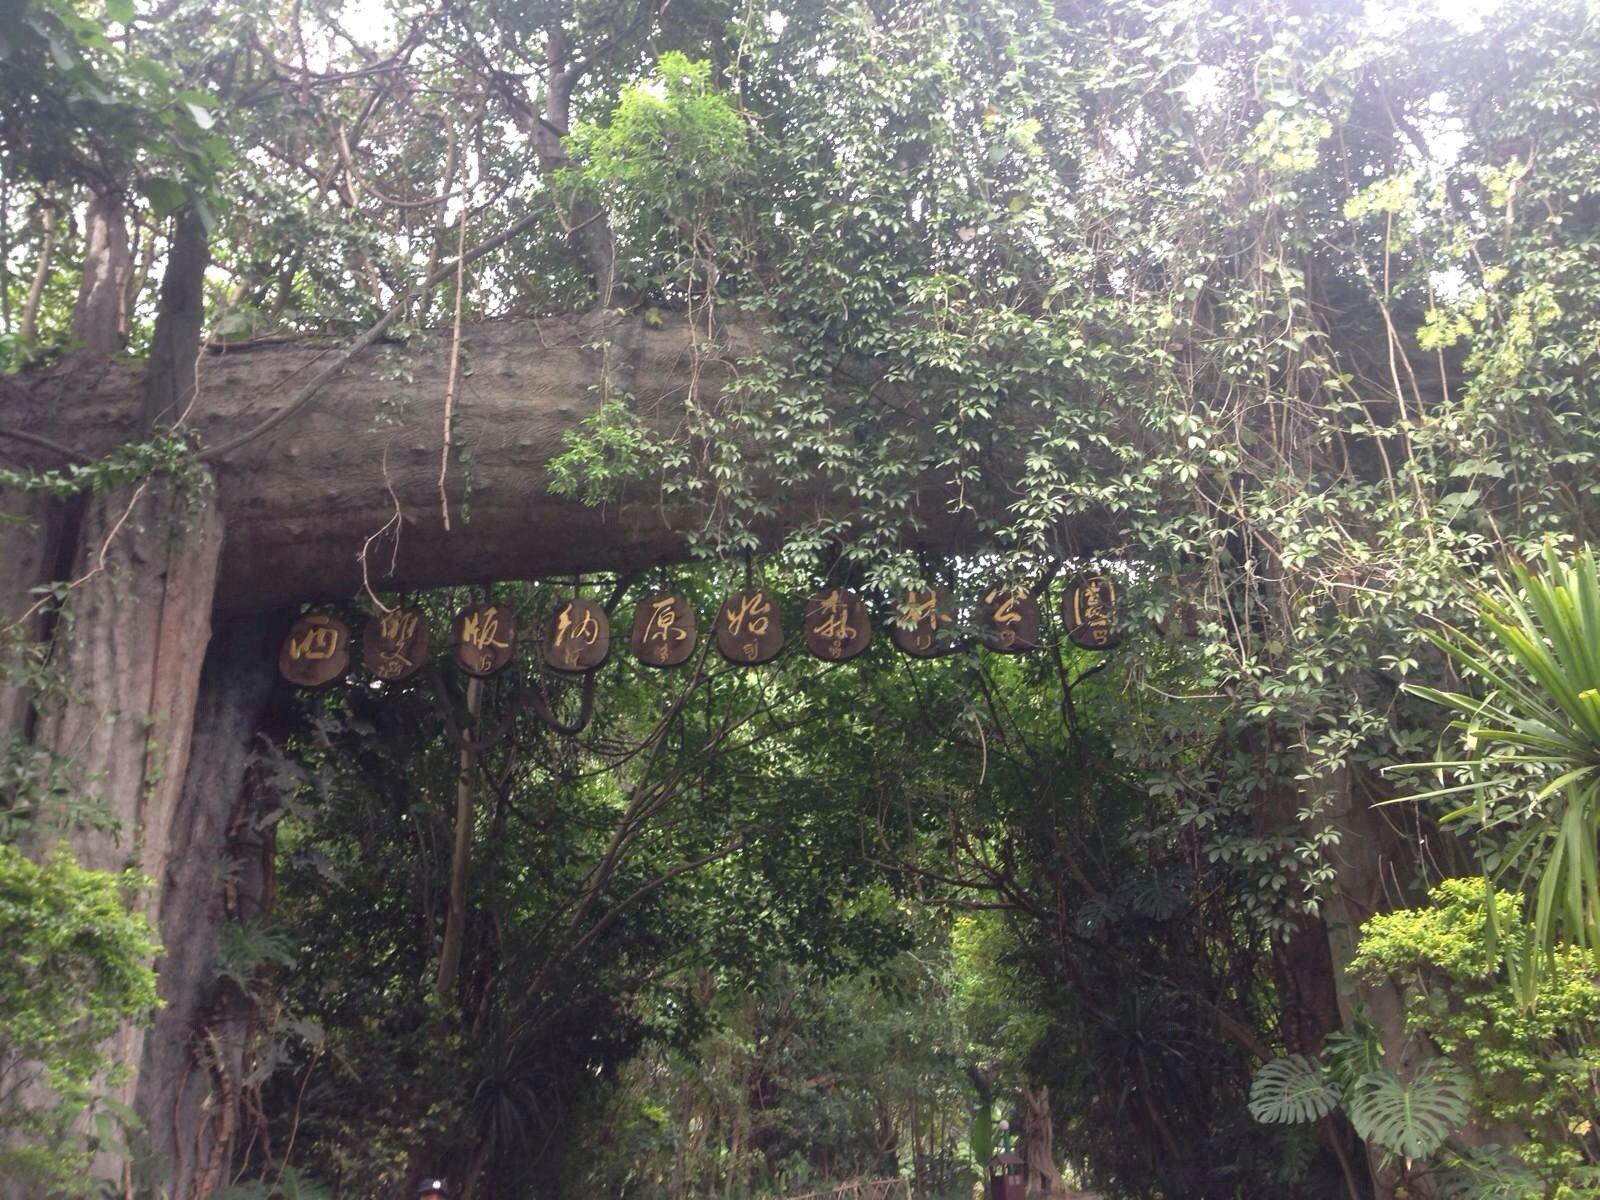 西双版纳原始森林公园出了山寨走一个栈道下楼梯,走个5分钟就到了人工设计的九龙瀑布,下面有卖水,冰淇淋和工艺品的,顺别歇歇脚等待电瓶车带游客到下一个景点游玩。电瓶车到了一个原始森林小路,体验原始森林。一下车就有一大群猴子迎接我们...瞬间想起了峨眉的猴子,各种枪.